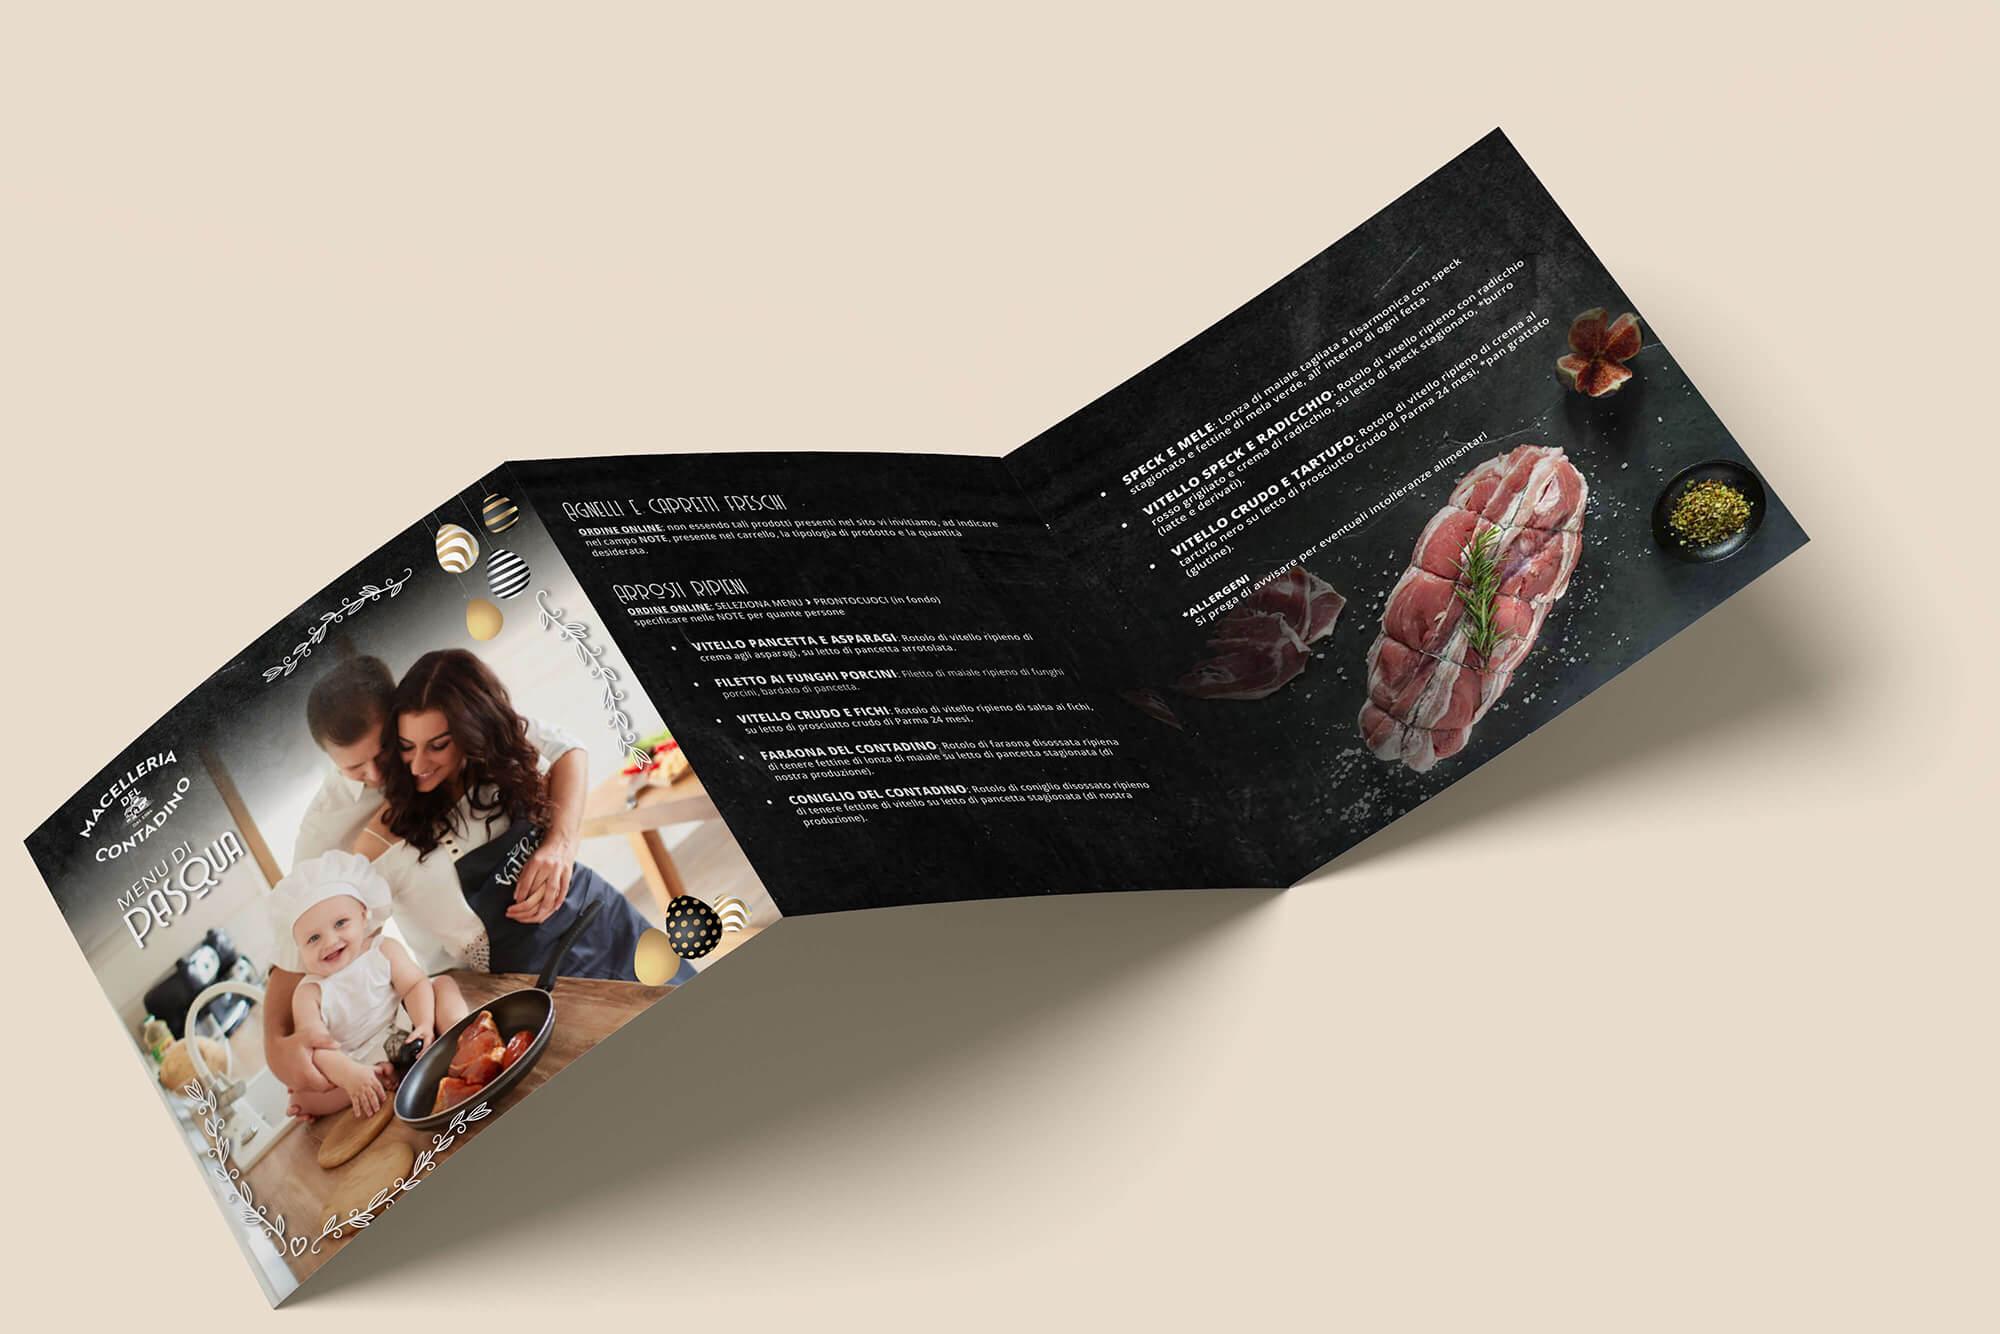 Studio grafico Verona - Realizzazione pieghevoli pubblicitari - Macelleria del Contadino | OIS